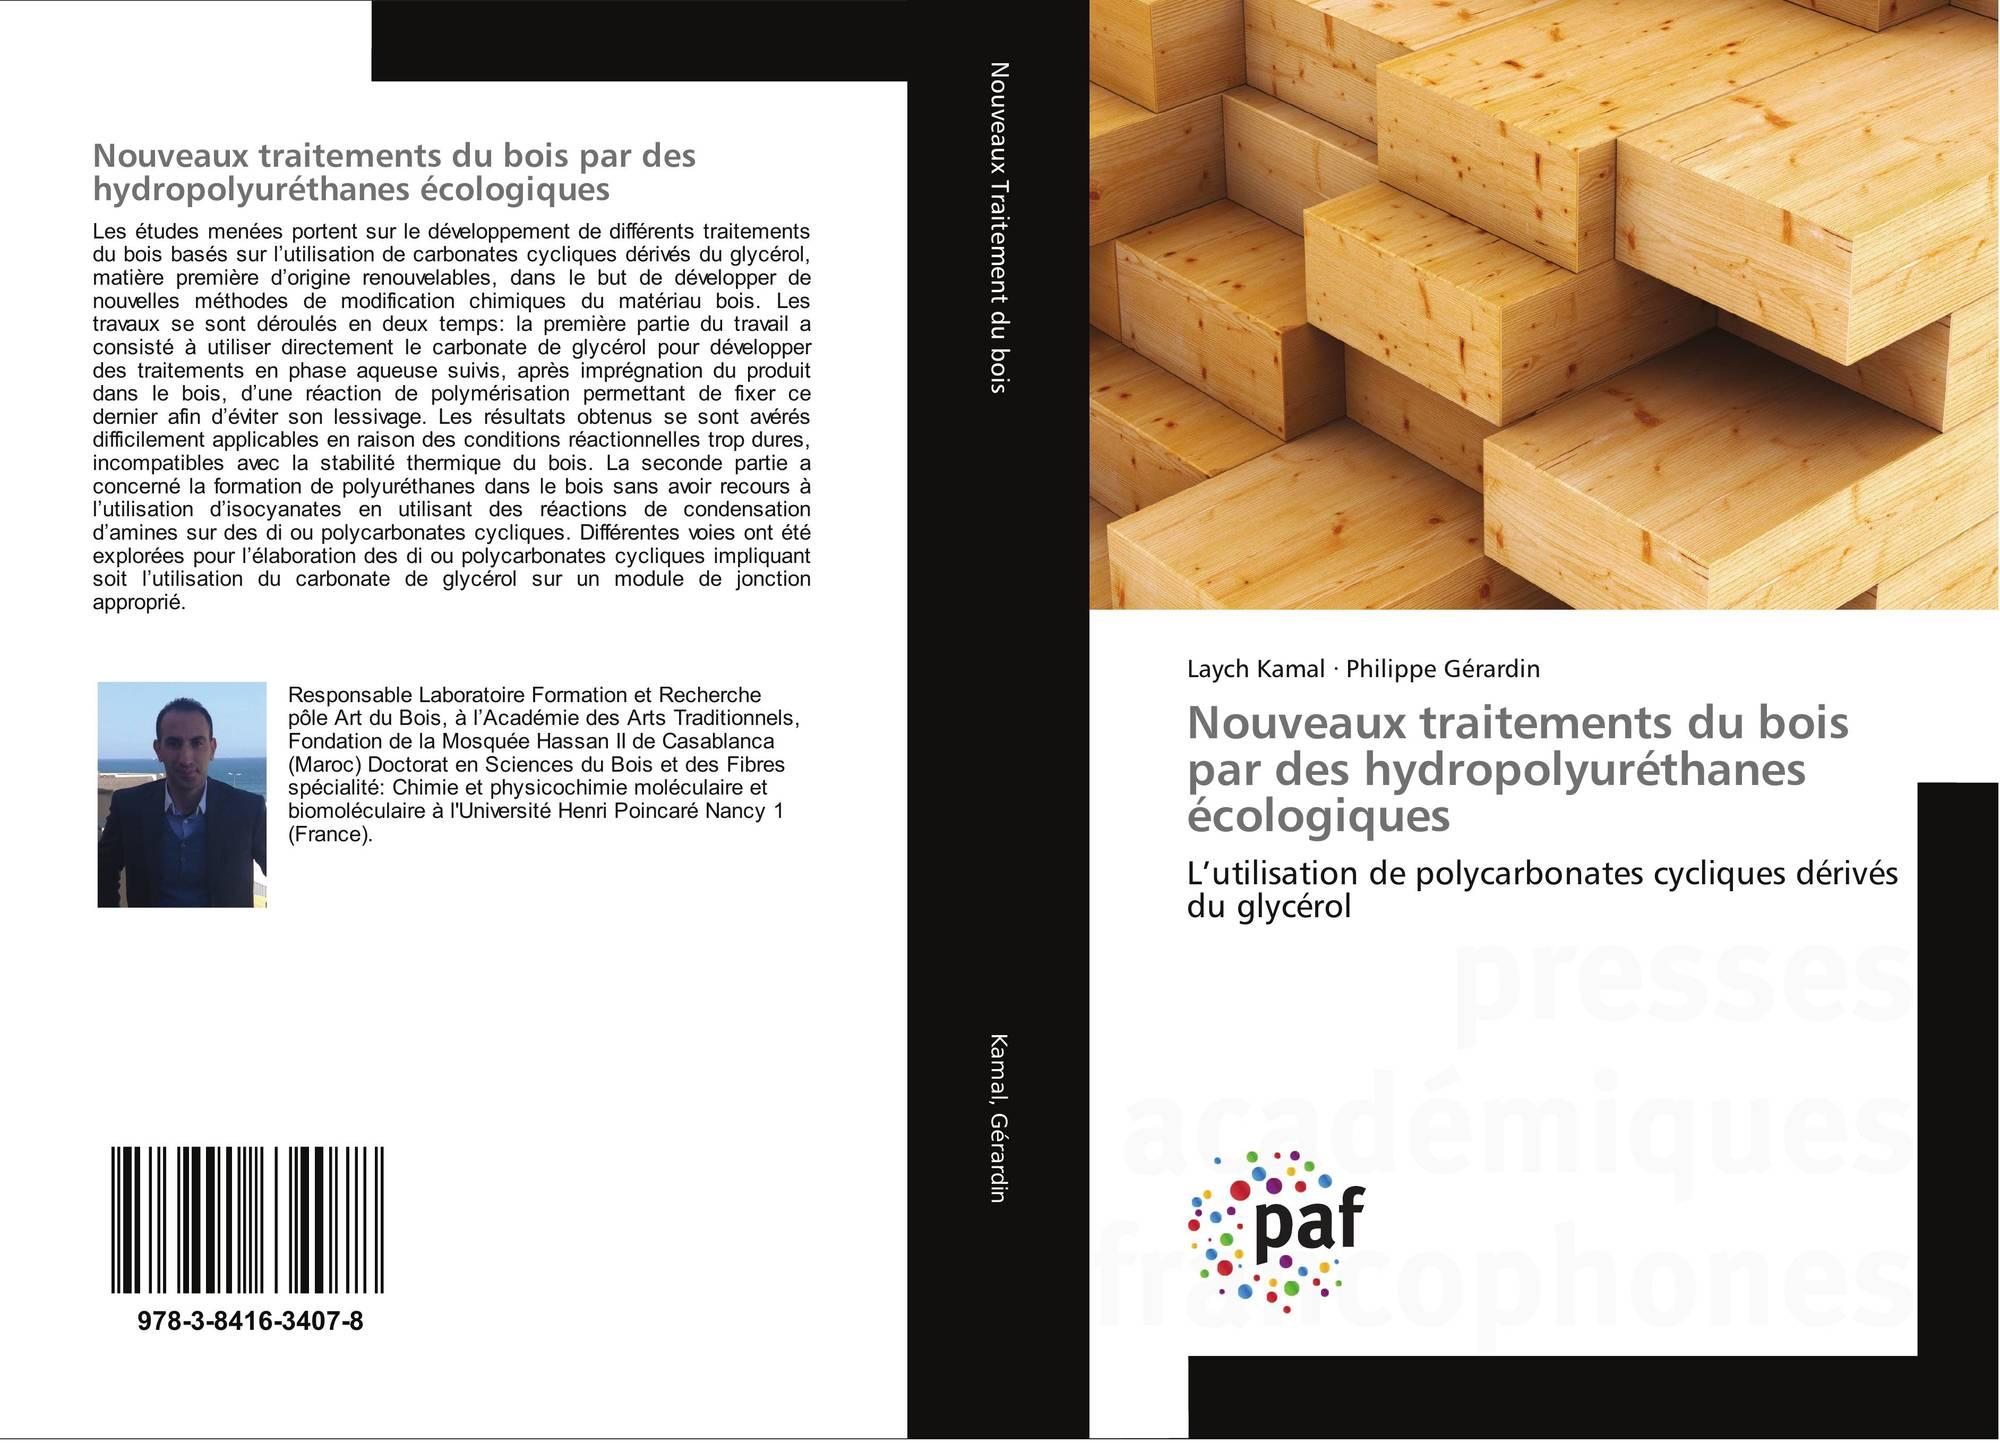 Traitement Bois Ecologique - Nouveaux traitements du bois par des hydropolyuréthanesécologiques, 978 3 8416 3407 8